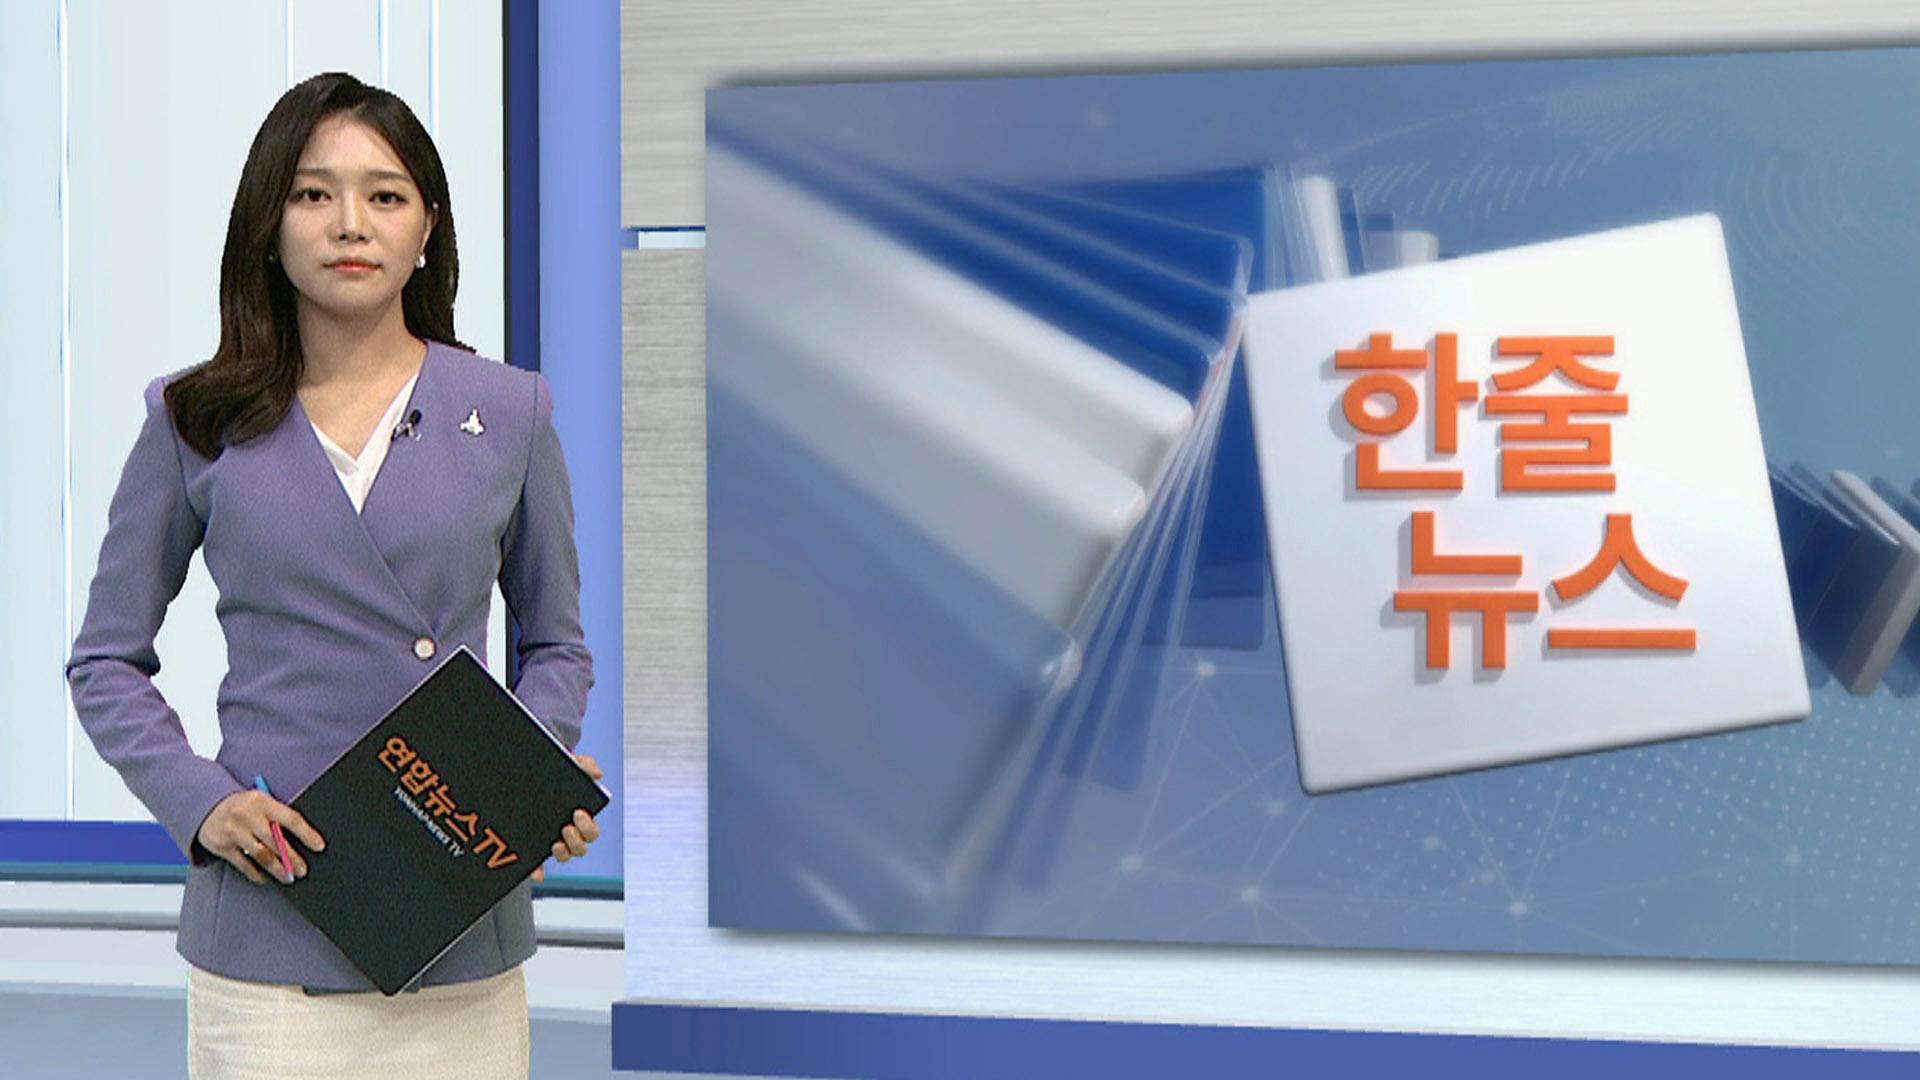 """[한줄뉴스] """"北 피살 공무원 시신 태운 정황은 여러 개"""" 外"""